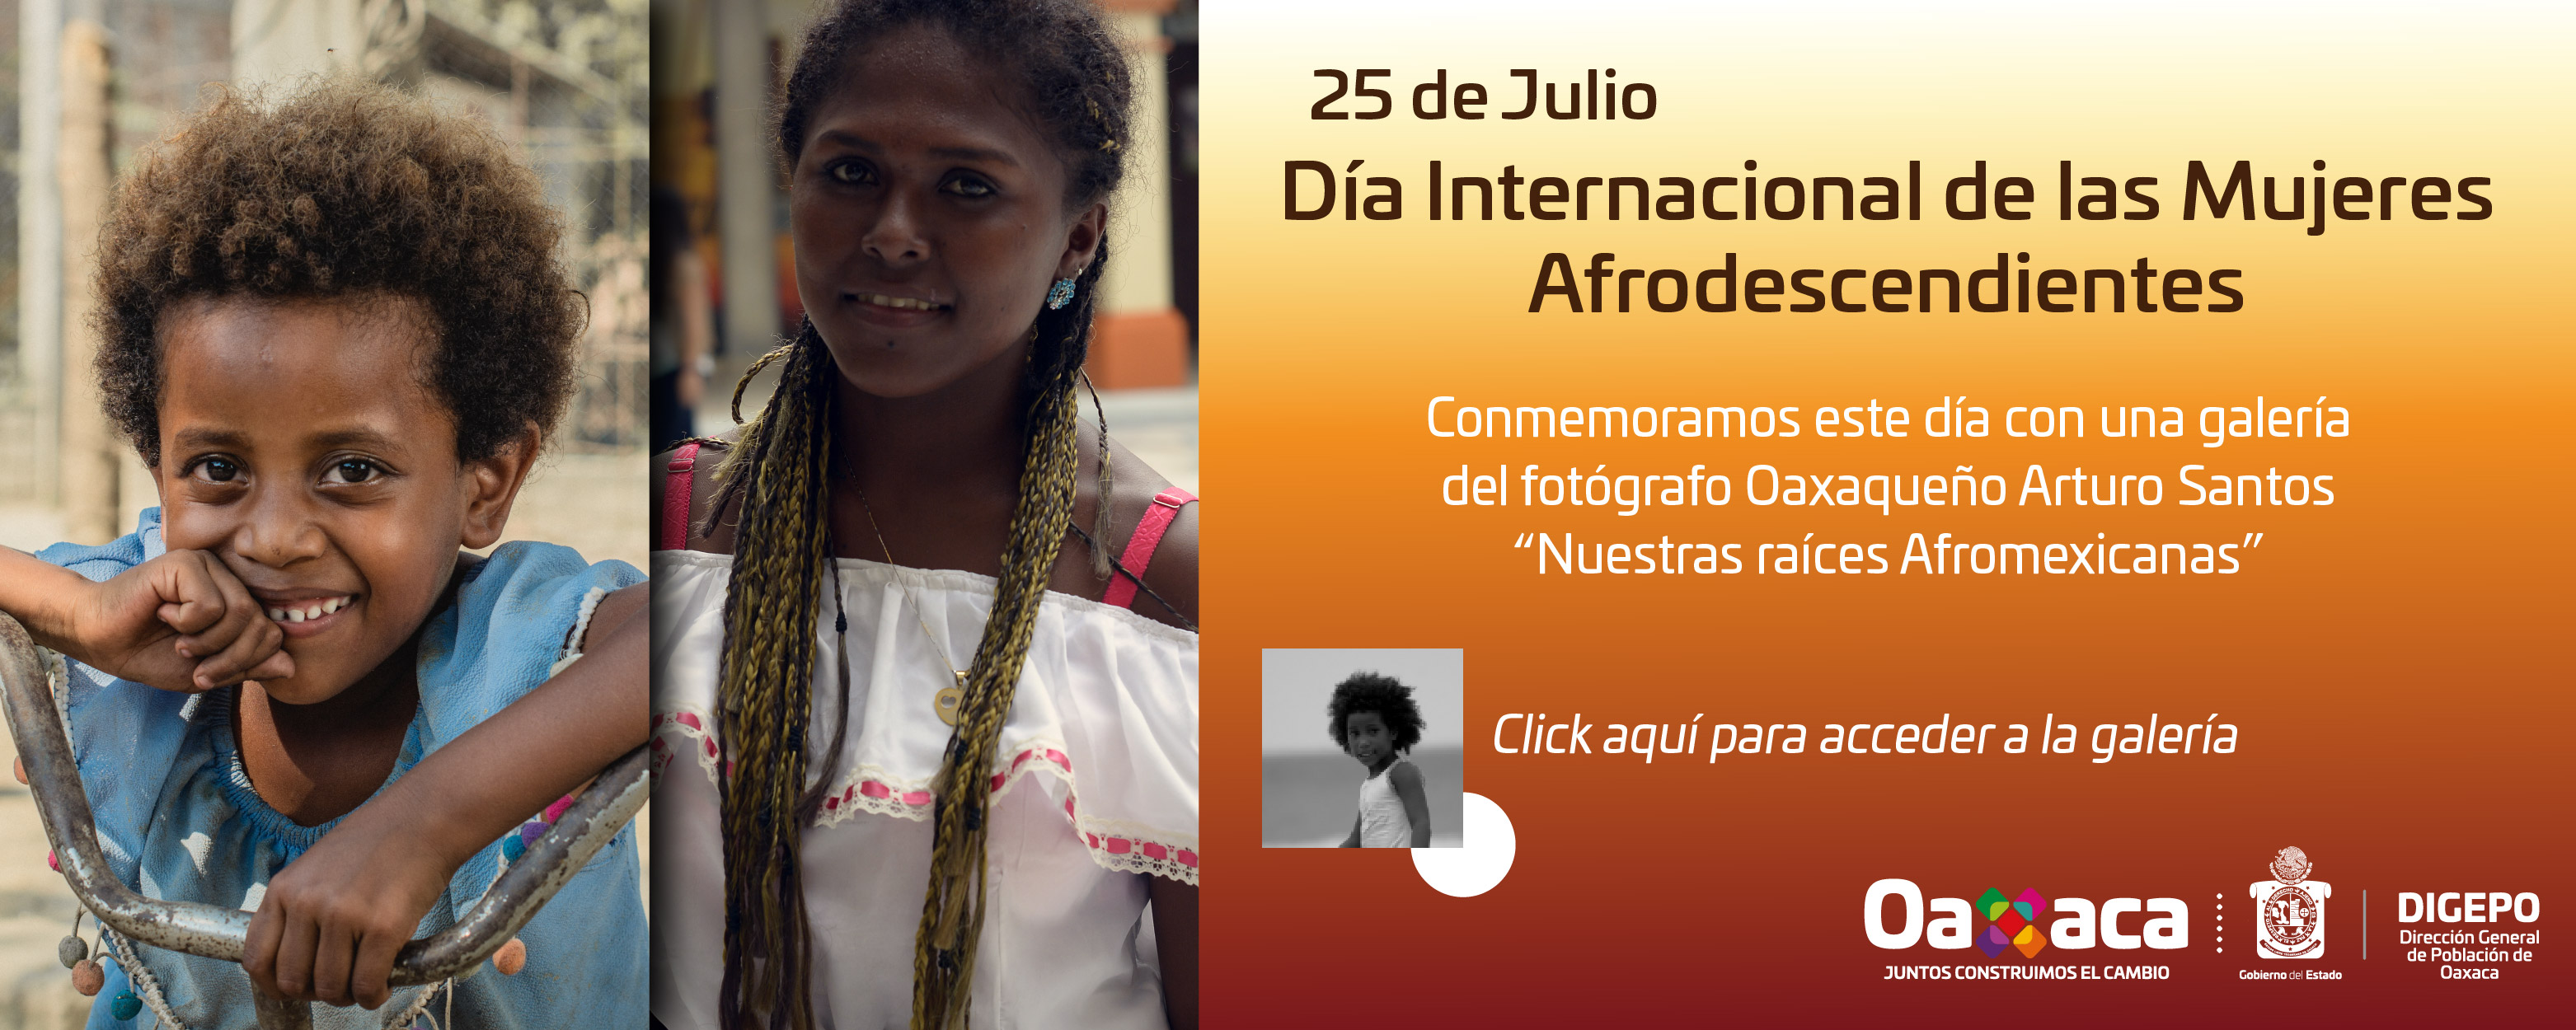 Galería Afromexicana